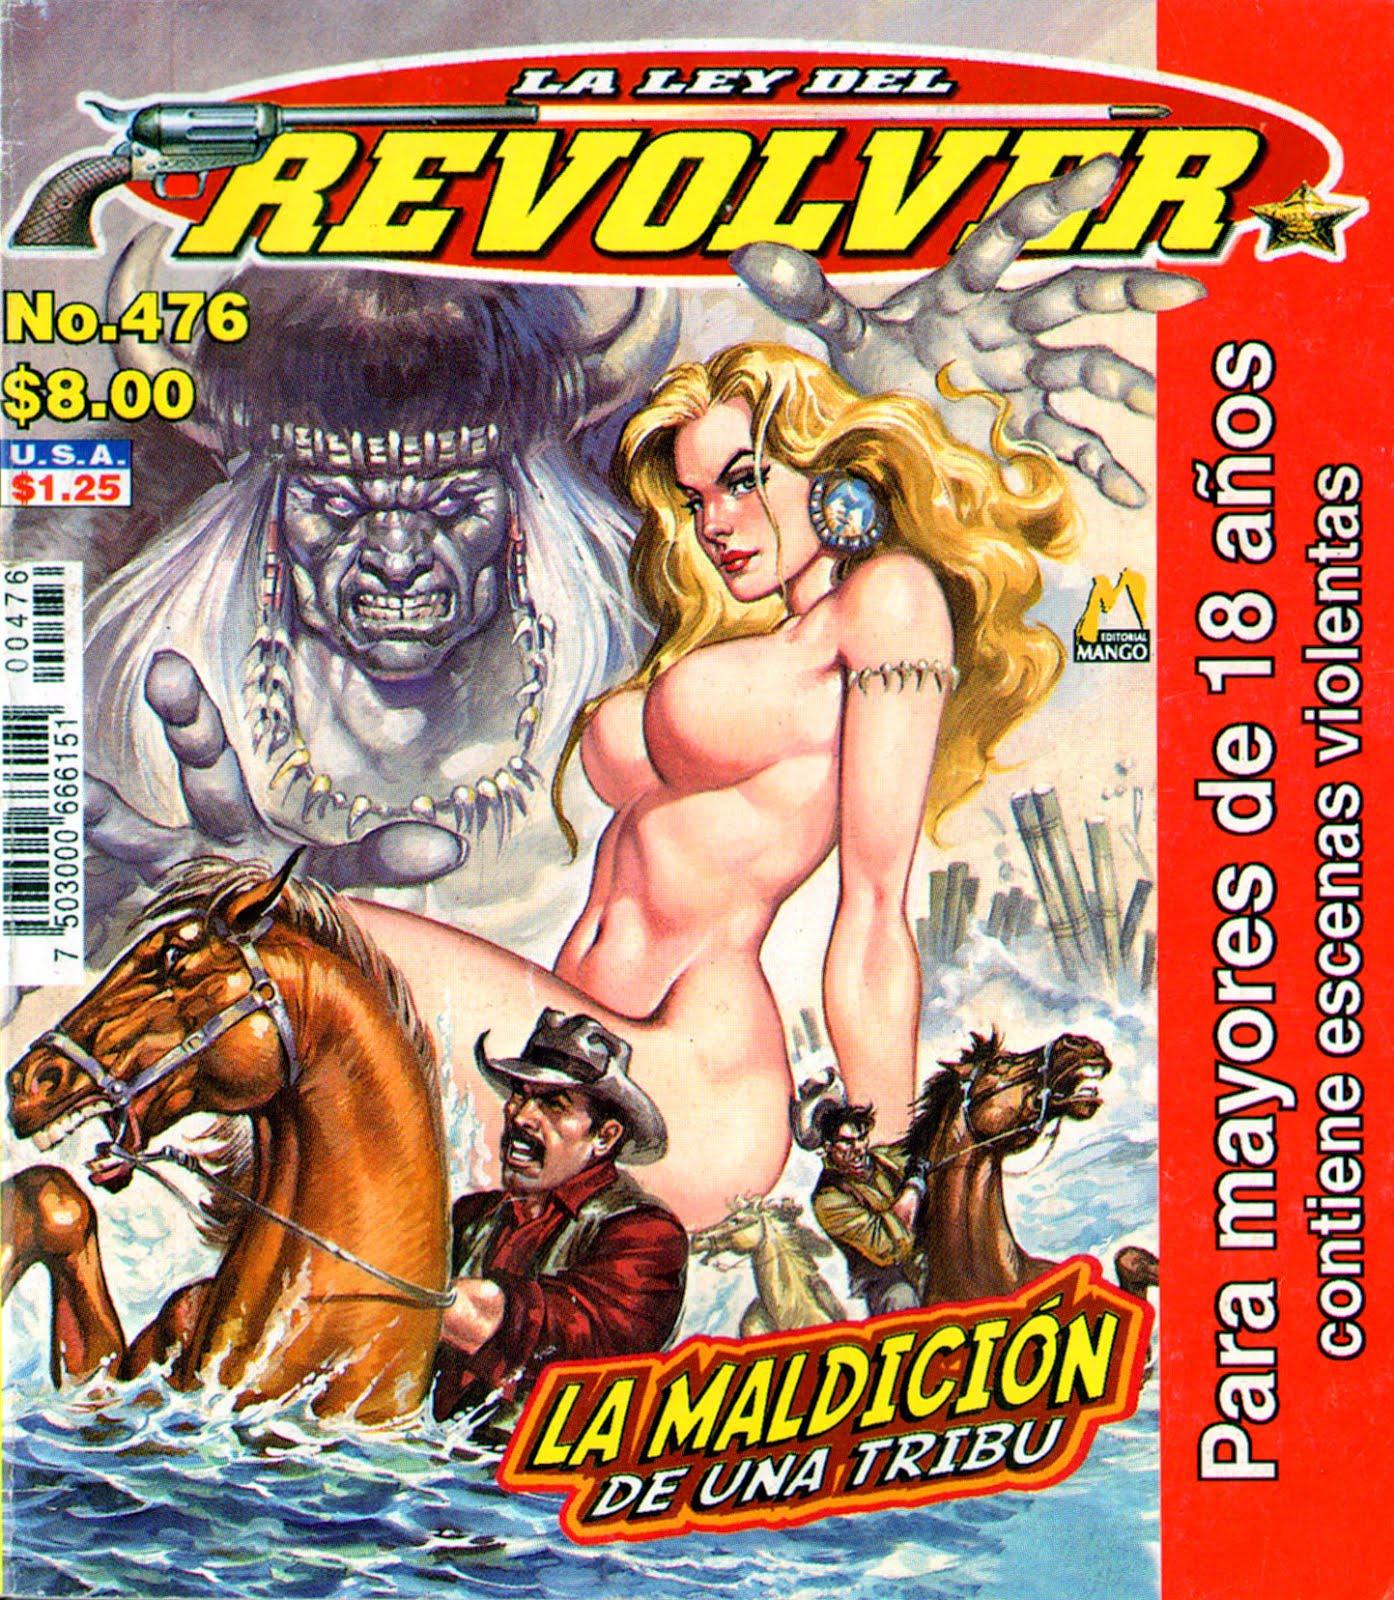 la_ley_del_revolver_no476